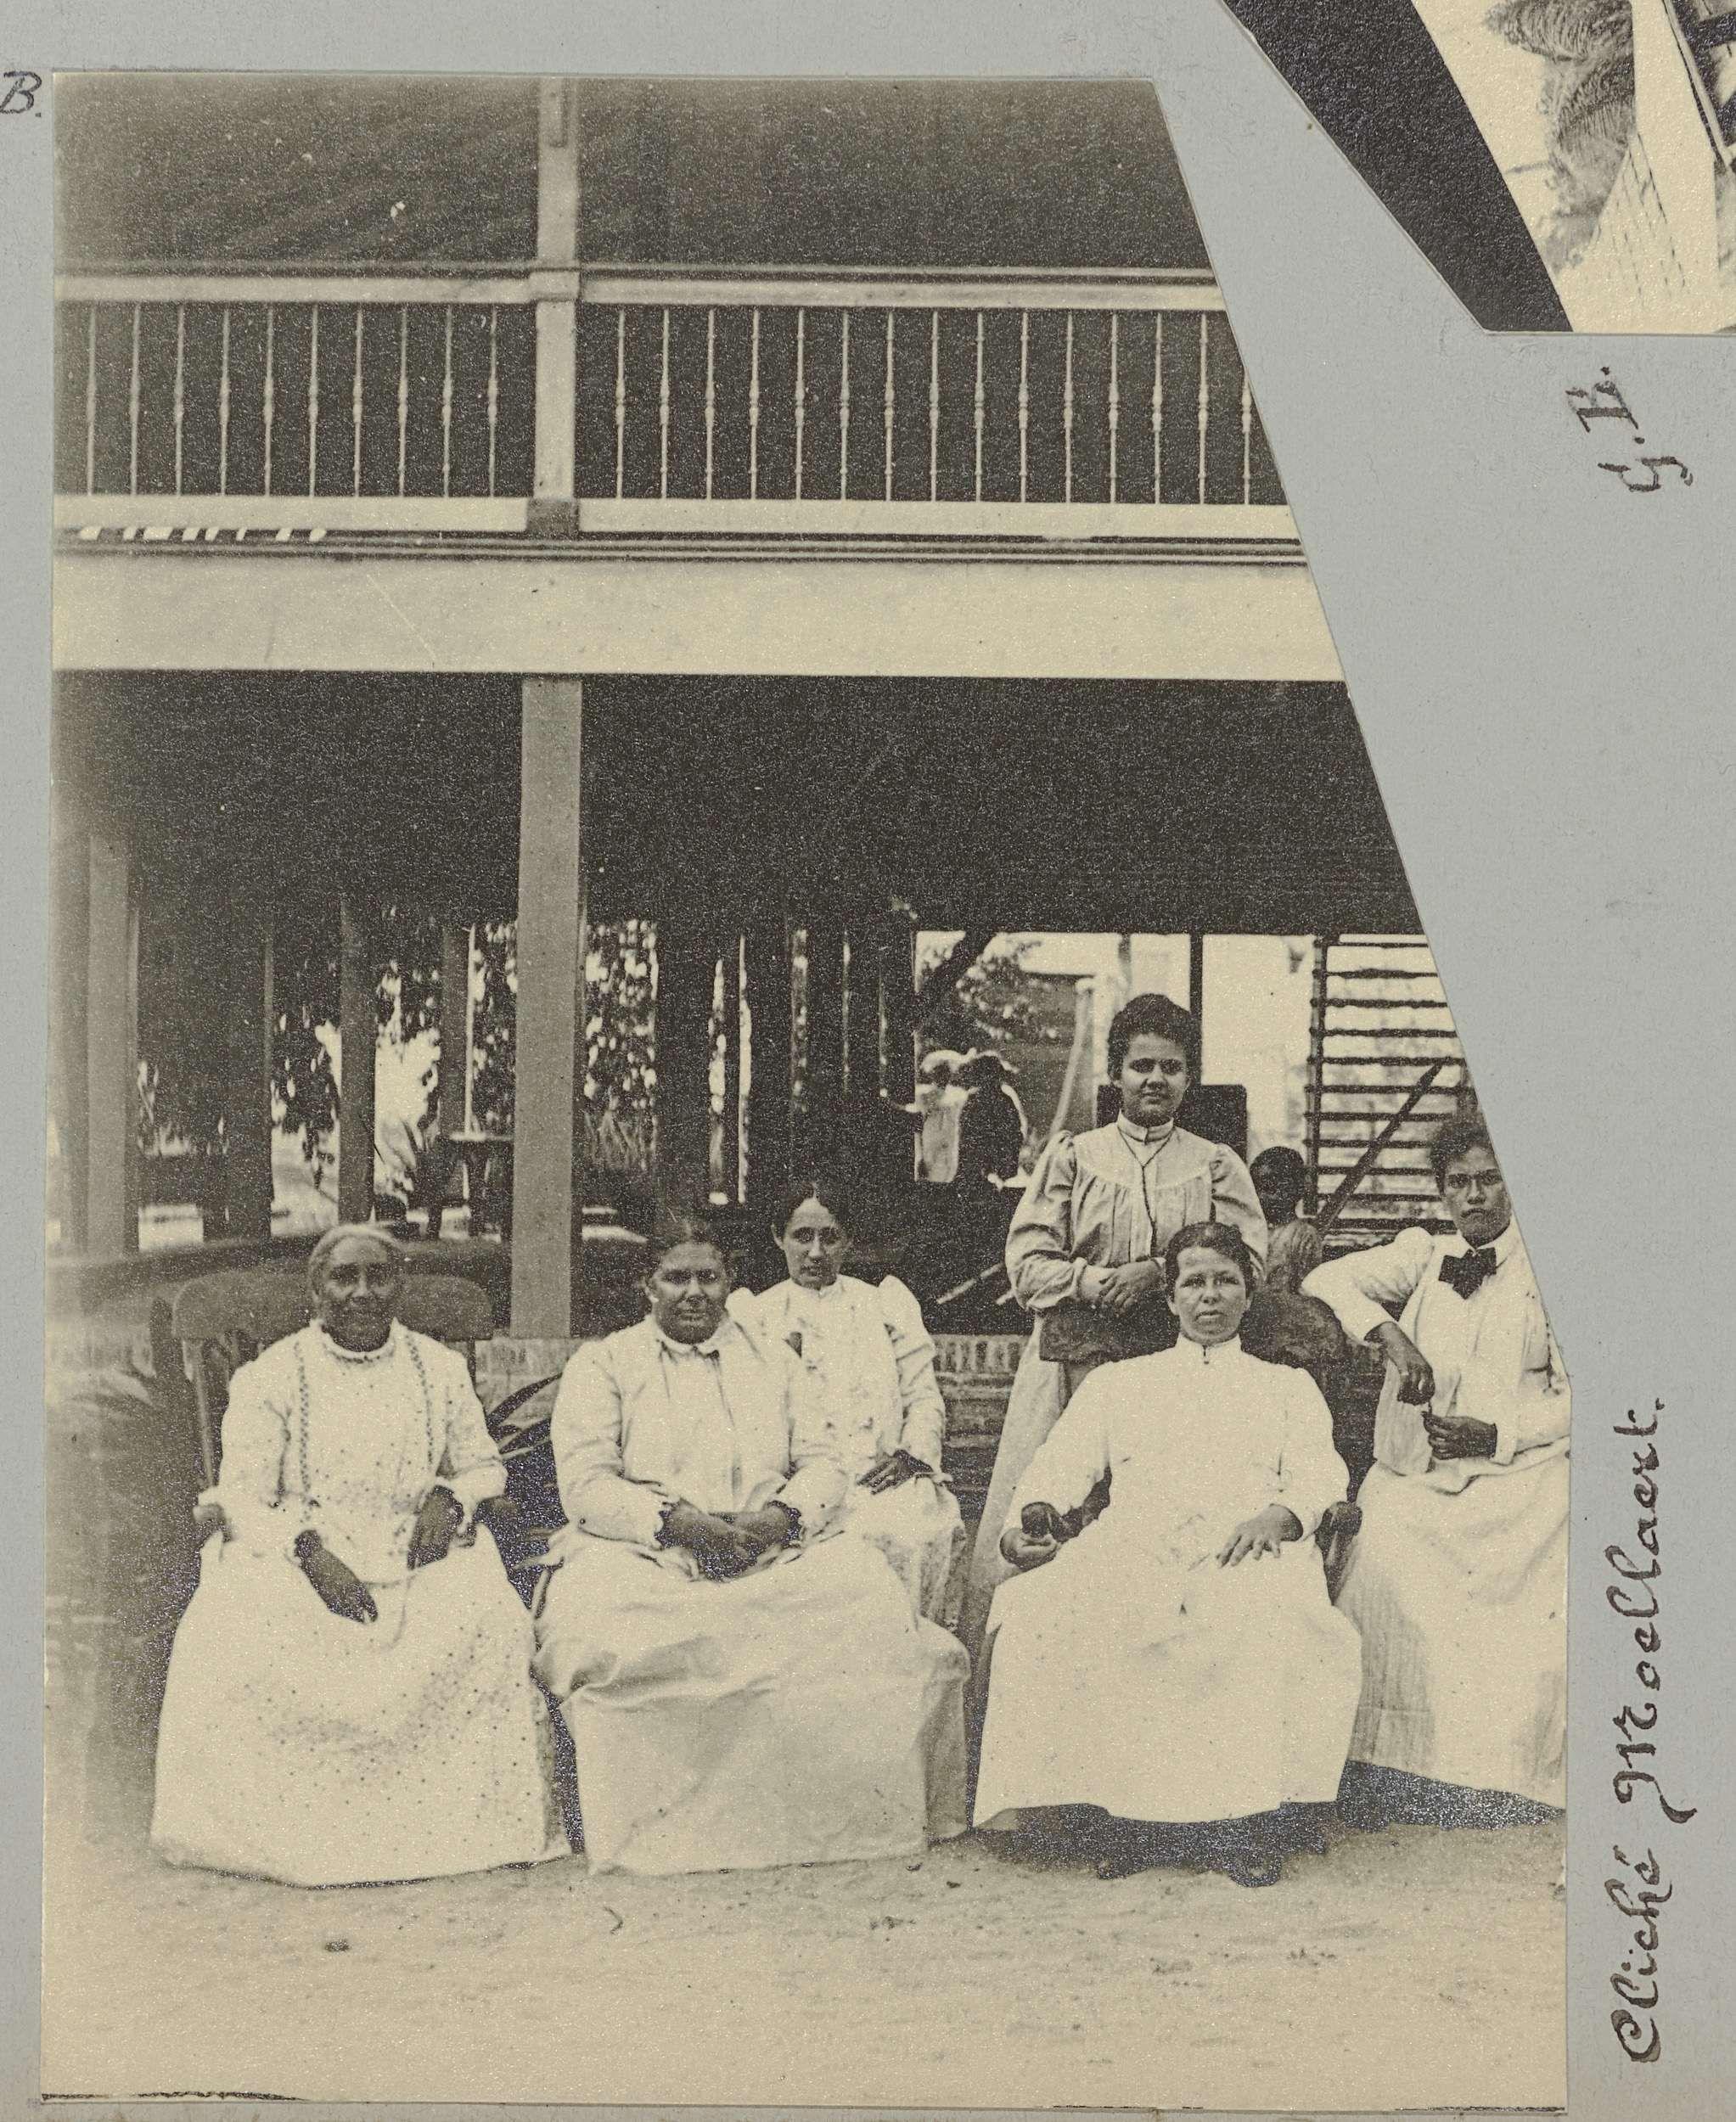 anoniem   Groepsportret van zittende vrouwen, possibly Gomez Burke, 1891   Fragment van een groepsportret van vrouwen zittend en staand voor een gebouw. Onderdeel van het fotoalbum Souvenir de Voyage (deel 4), over het leven van de familie Dooyer in en rond de plantage Ma Retraite in Suriname in de jaren 1906-1913.